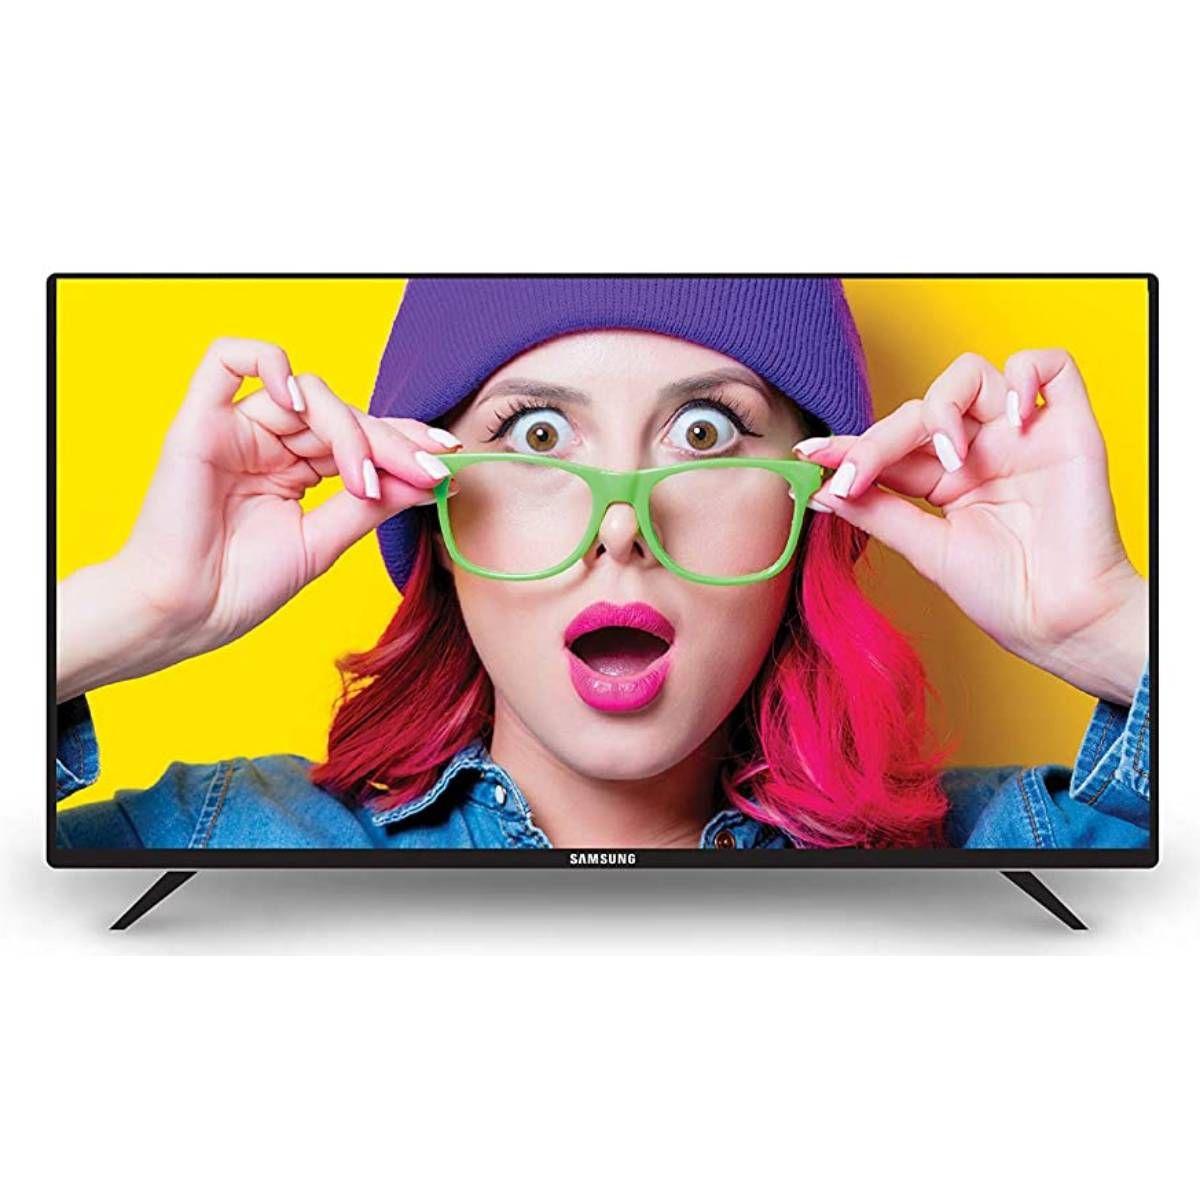 சேம்சங் 55 Inches Ultra HD LED Smart டிவி  Wondertainment Series (UA55TUE60AKXXL)